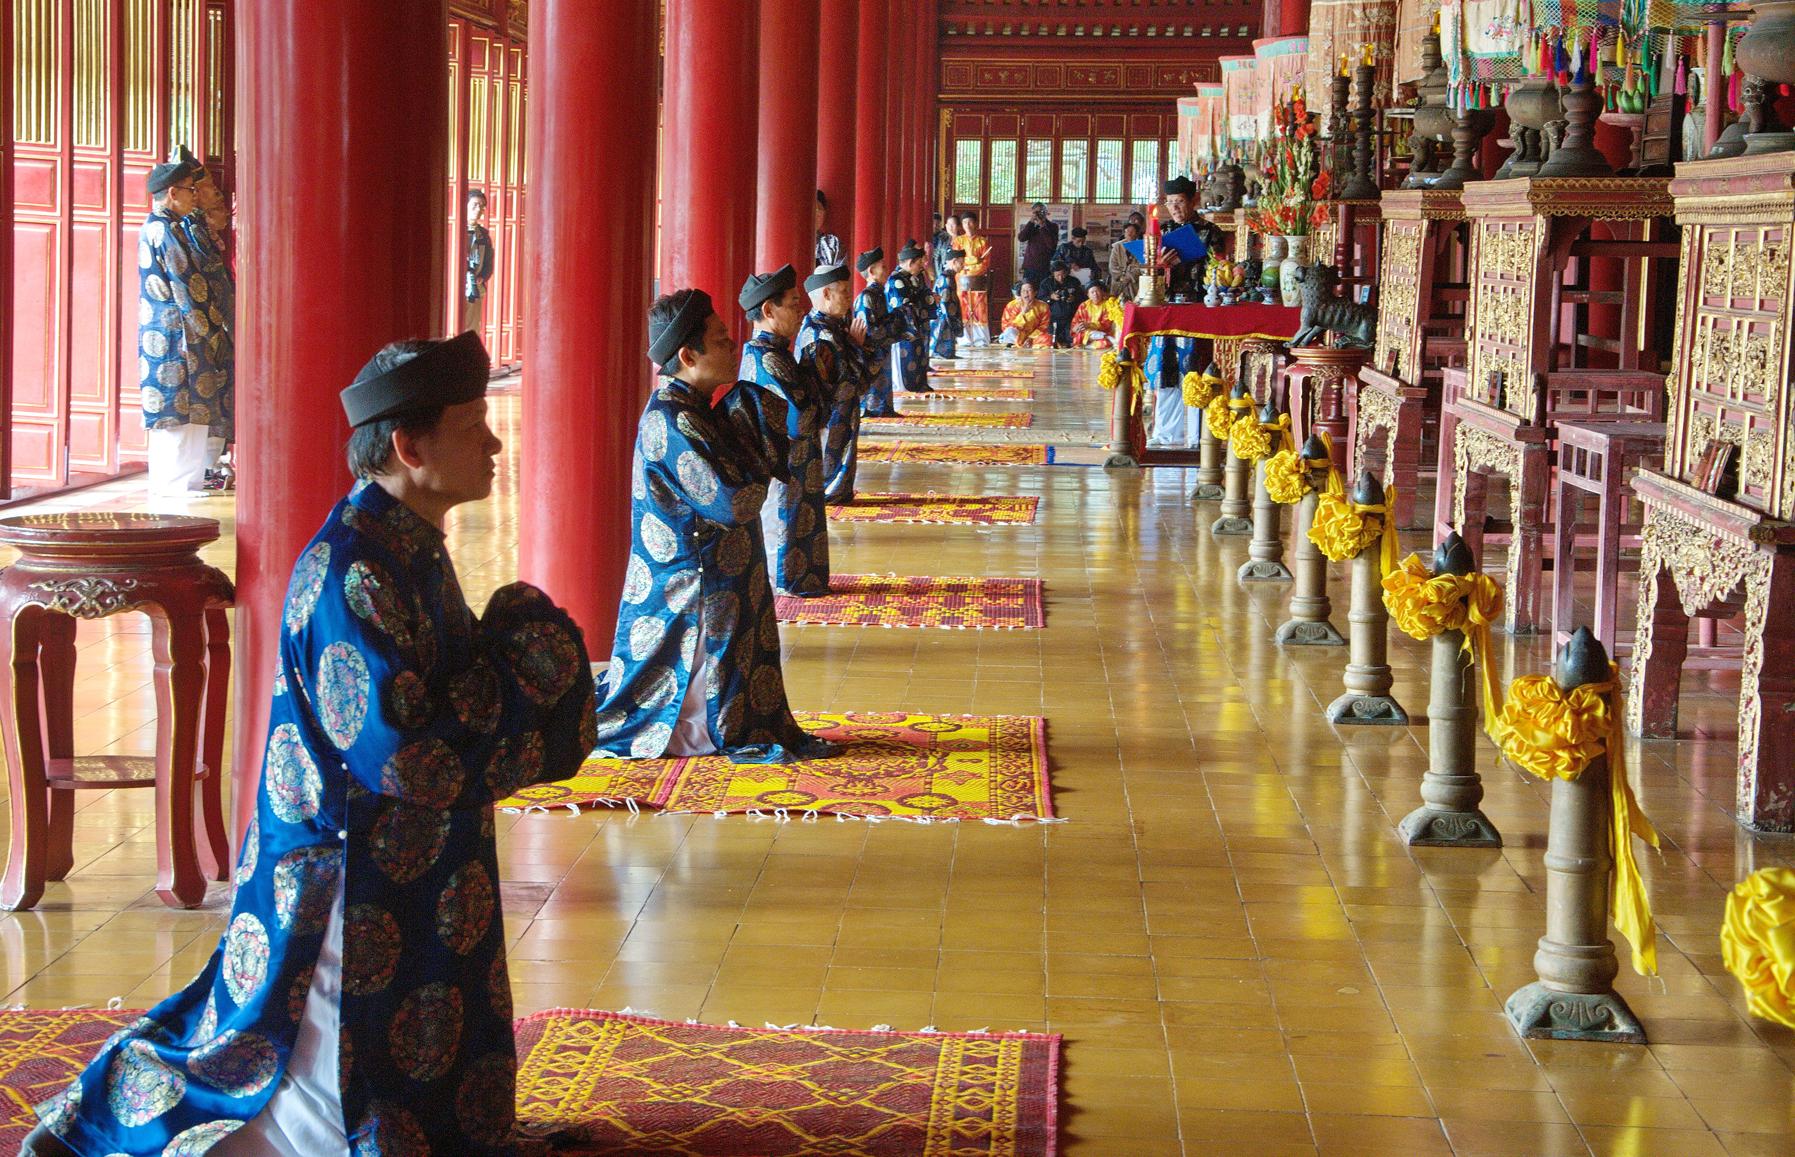 Tôn giáo và nghi lễ tại các triều đình của Đại Việt